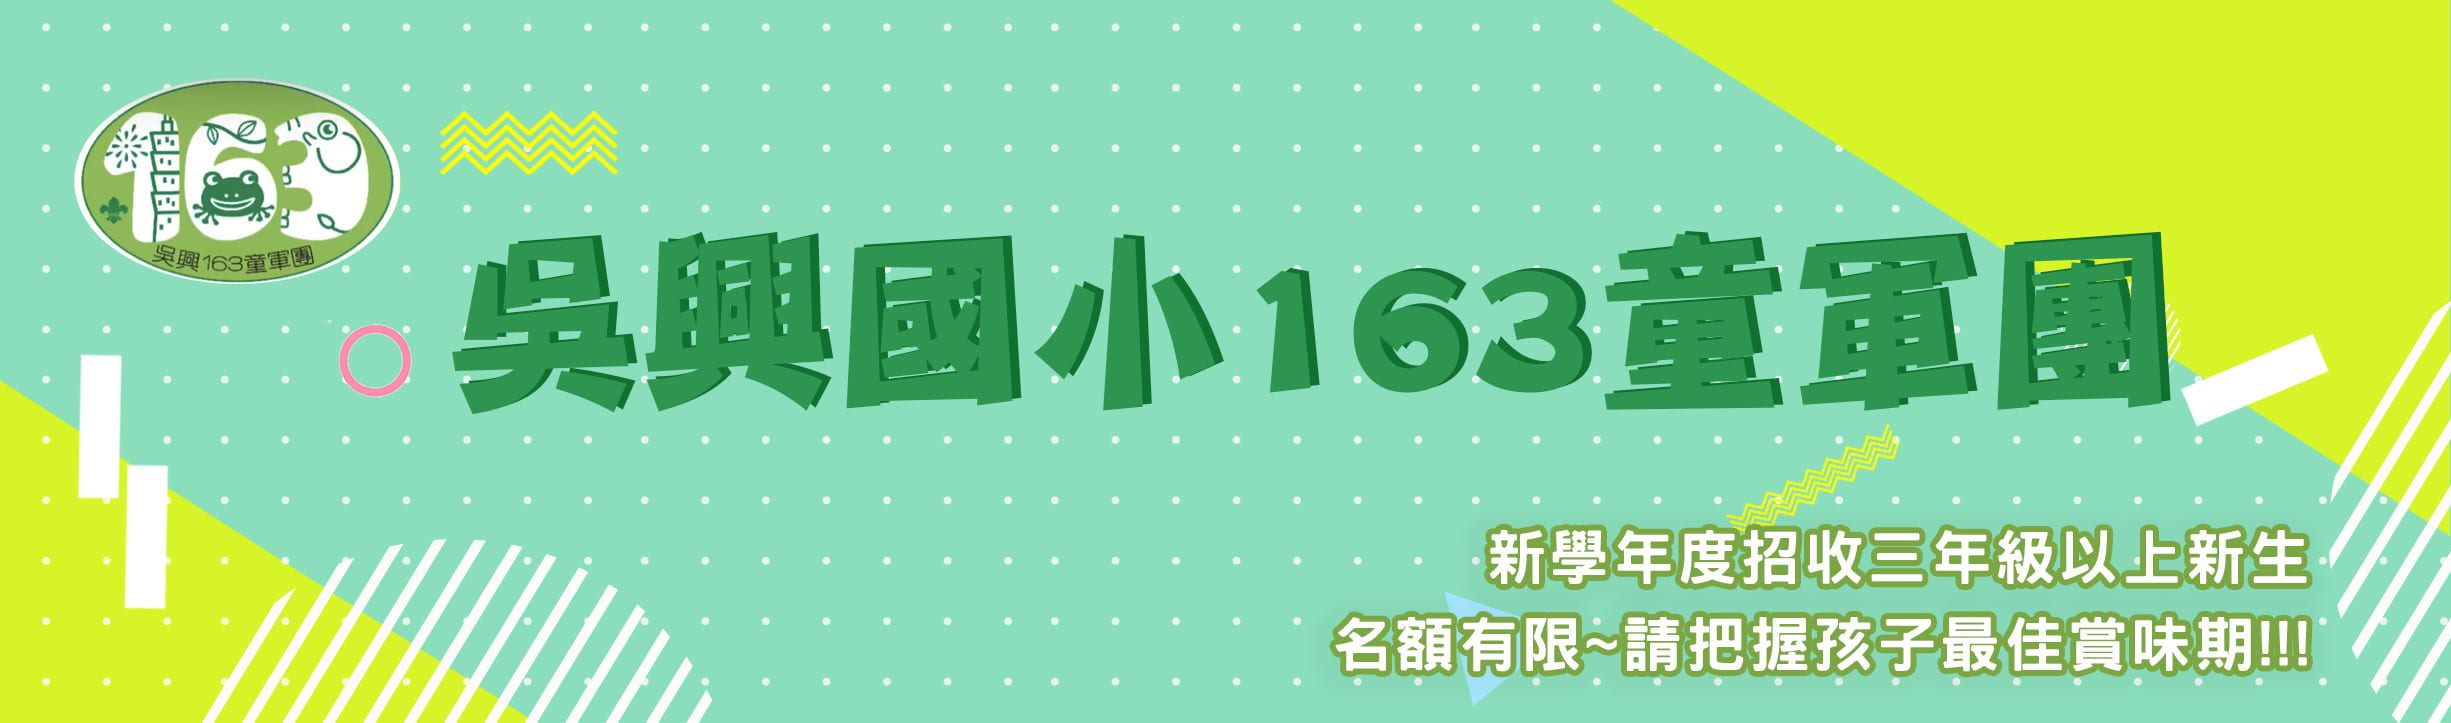 110學年度吳興國小163童軍團招生中!!!